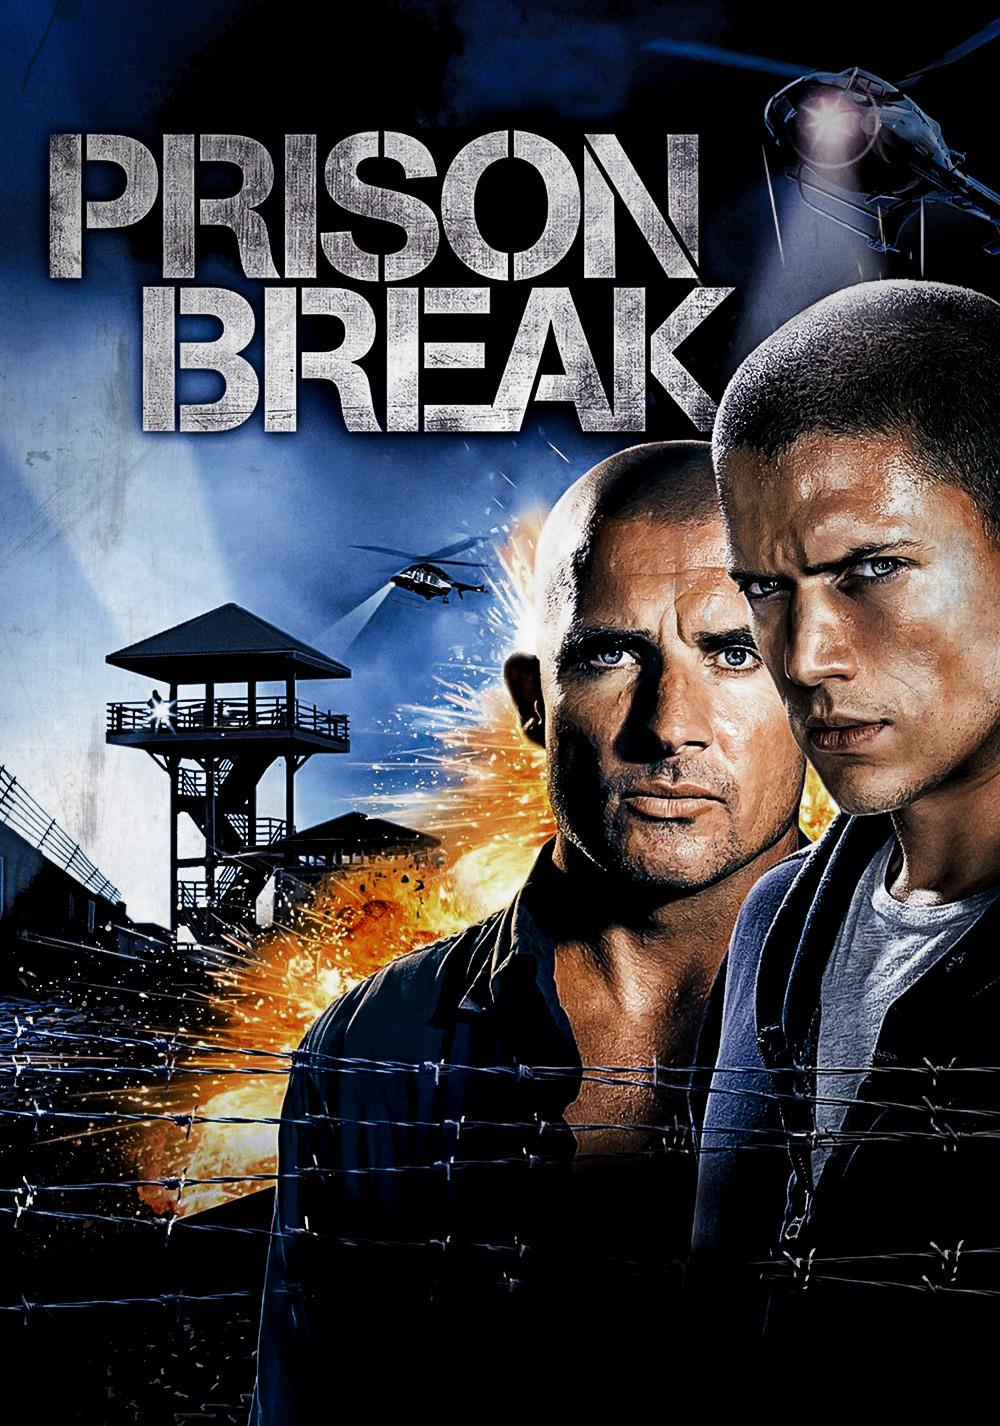 Image prison break jpg walking dead wiki fandom powered by wikia